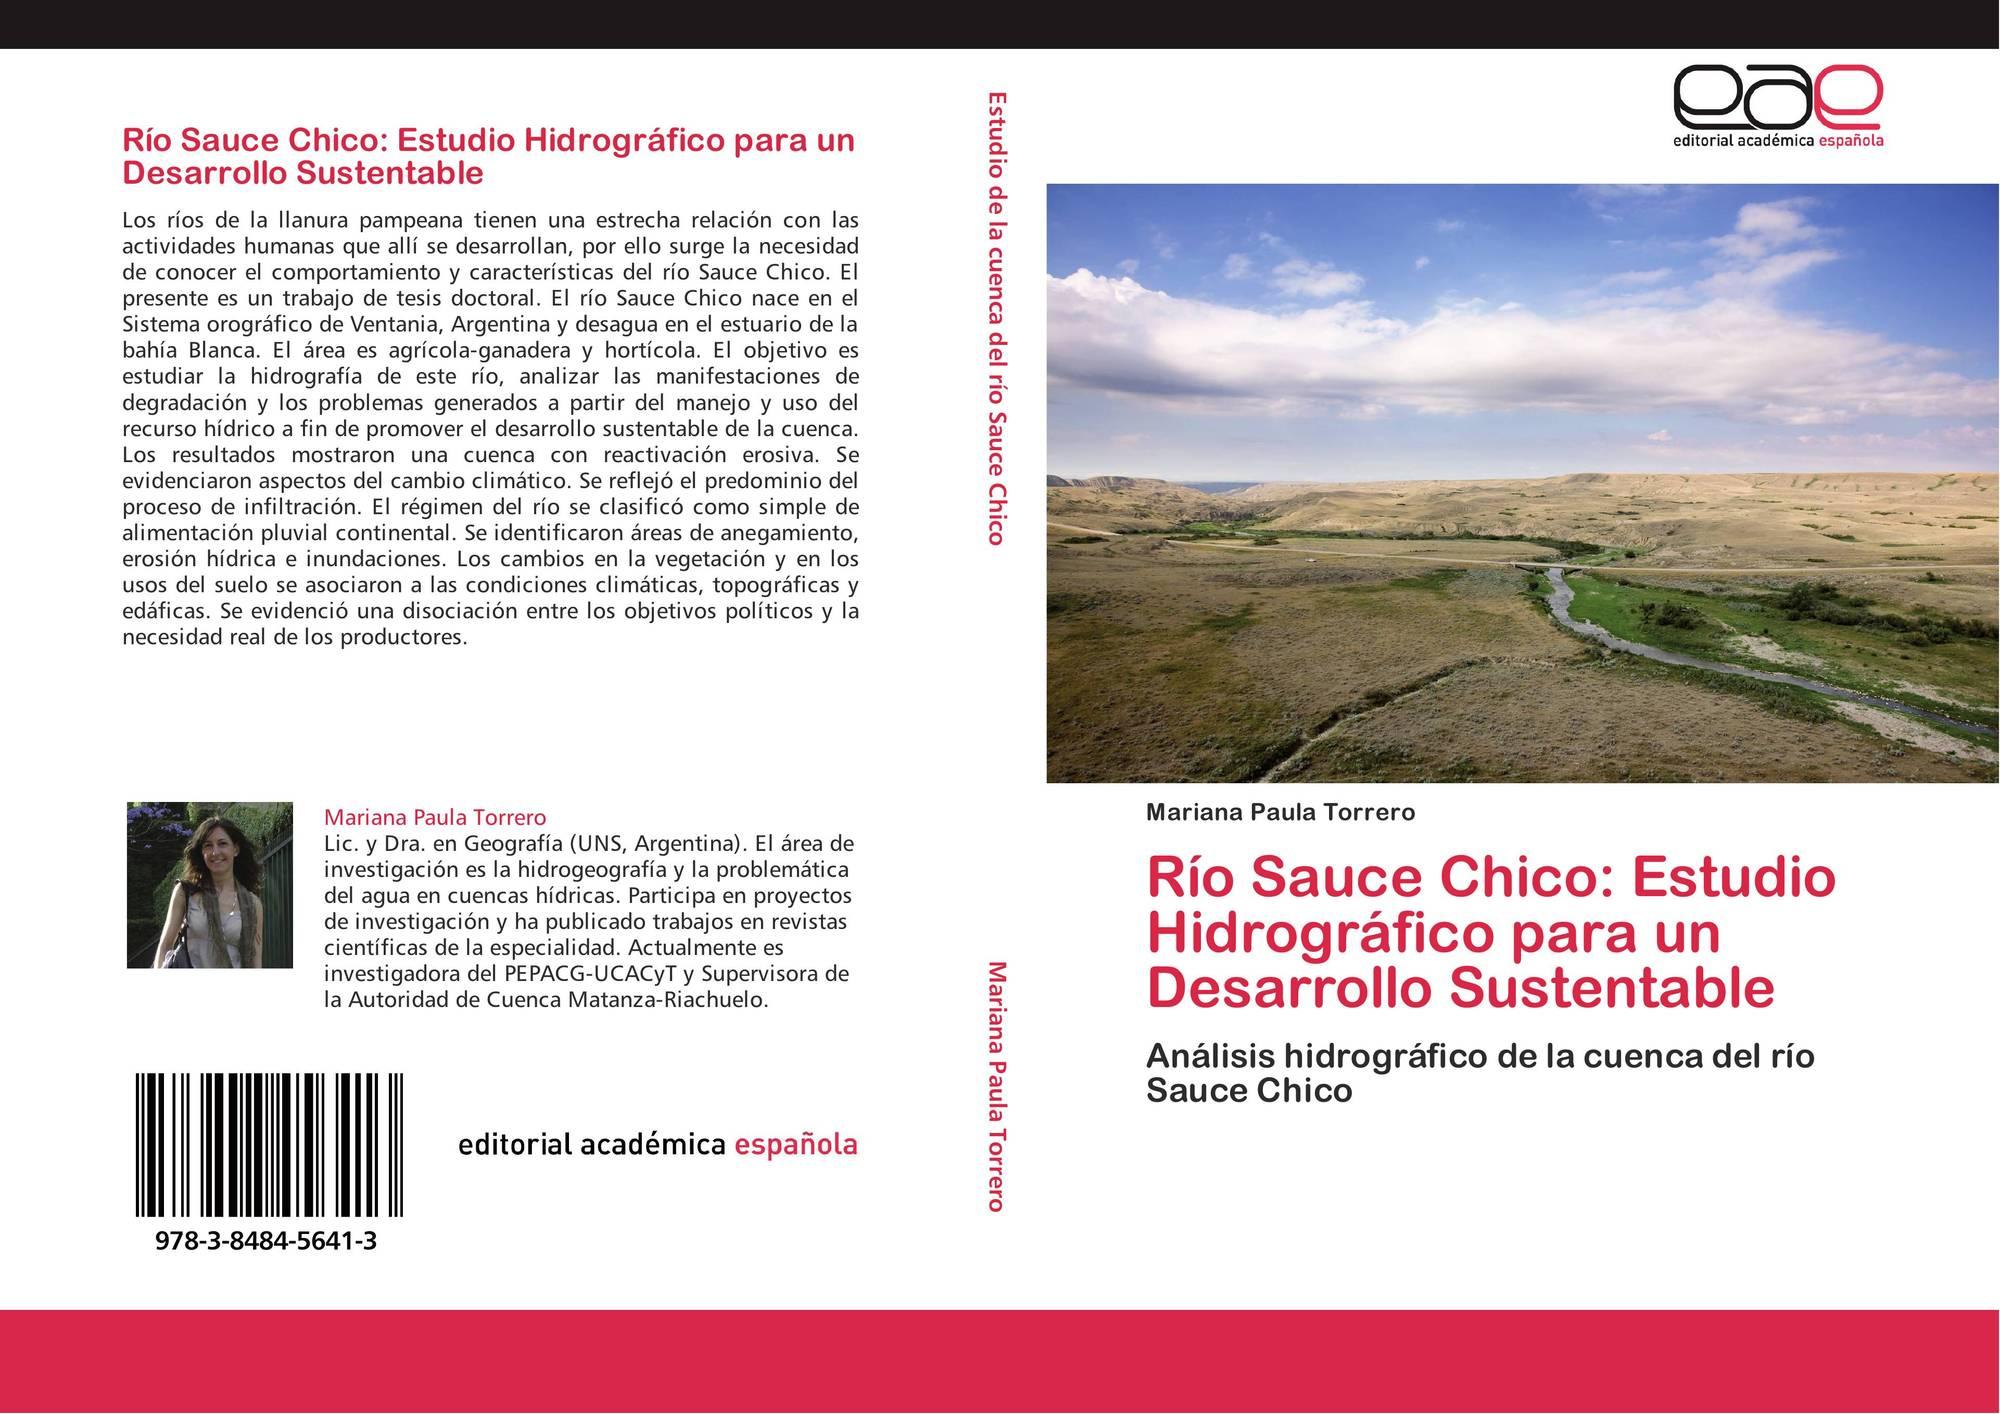 Río Sauce Chico: Estudio Hidrográfico para un Desarrollo Sustentable